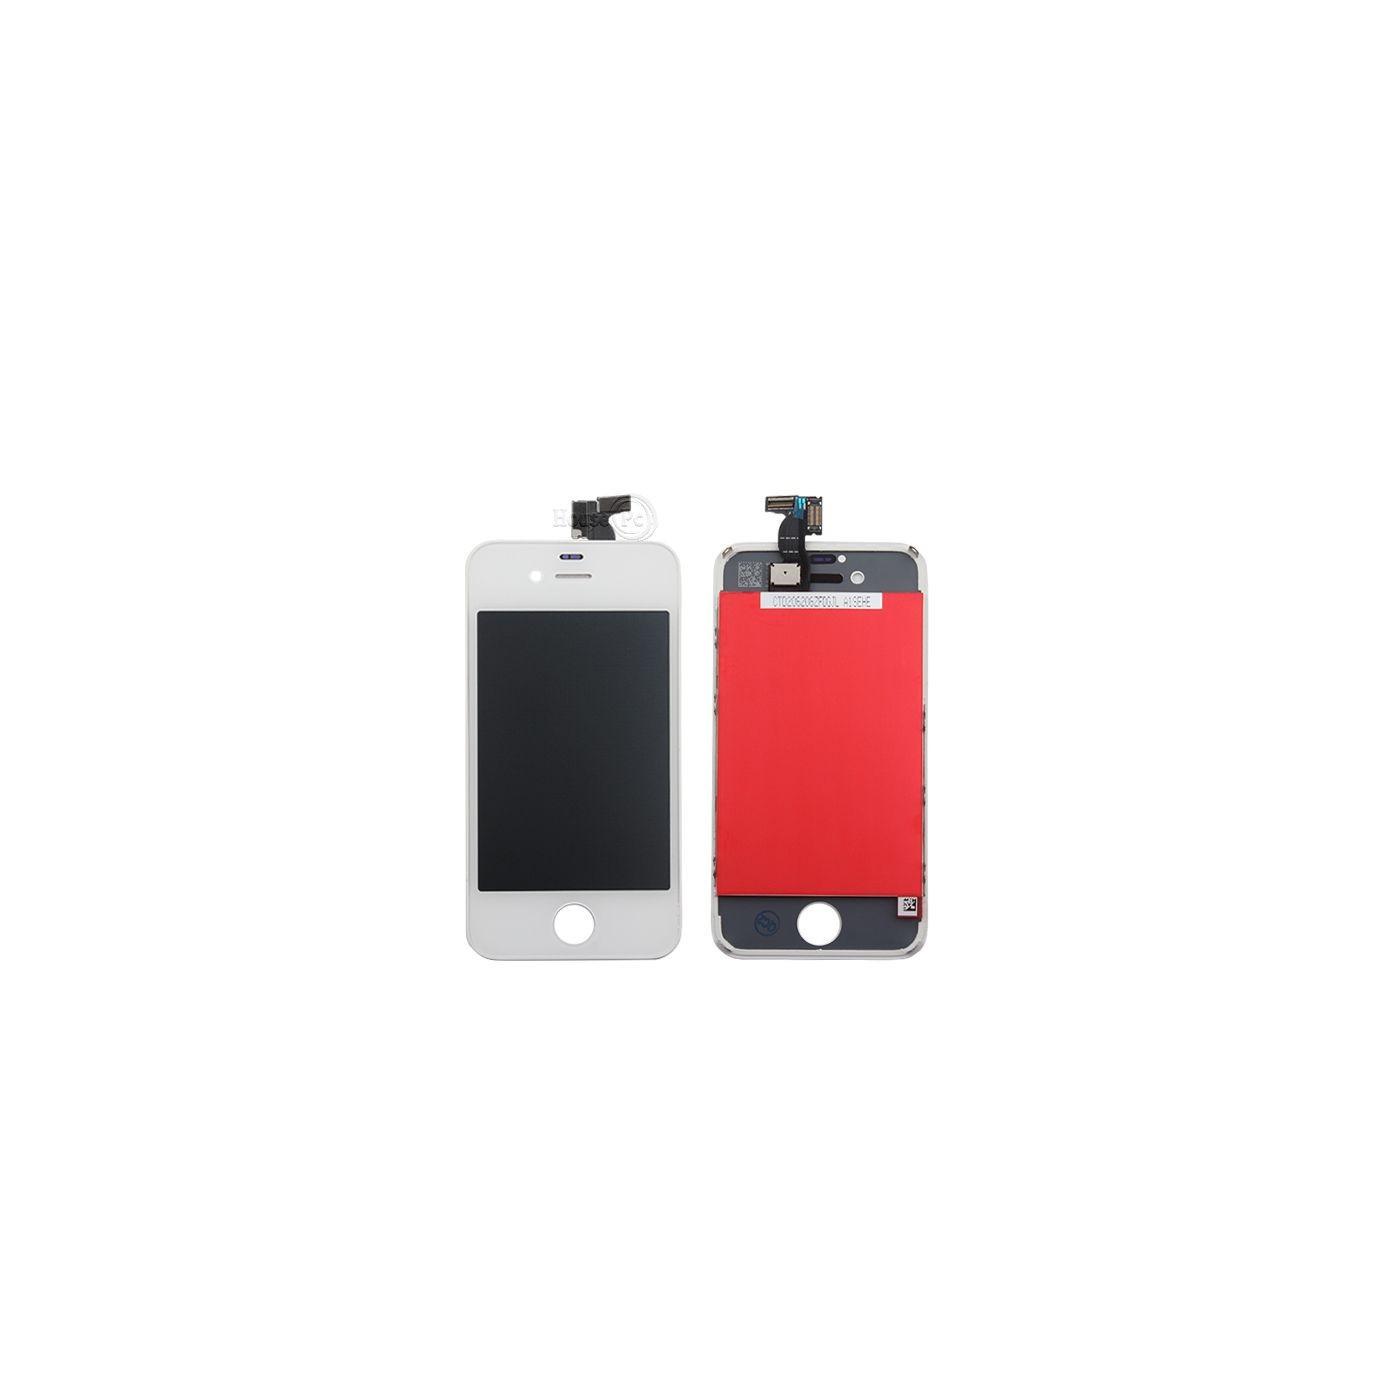 Touch-Screen + LCD-Display + Rahmen für Apple iPhone 4 s weißen Glasschirm